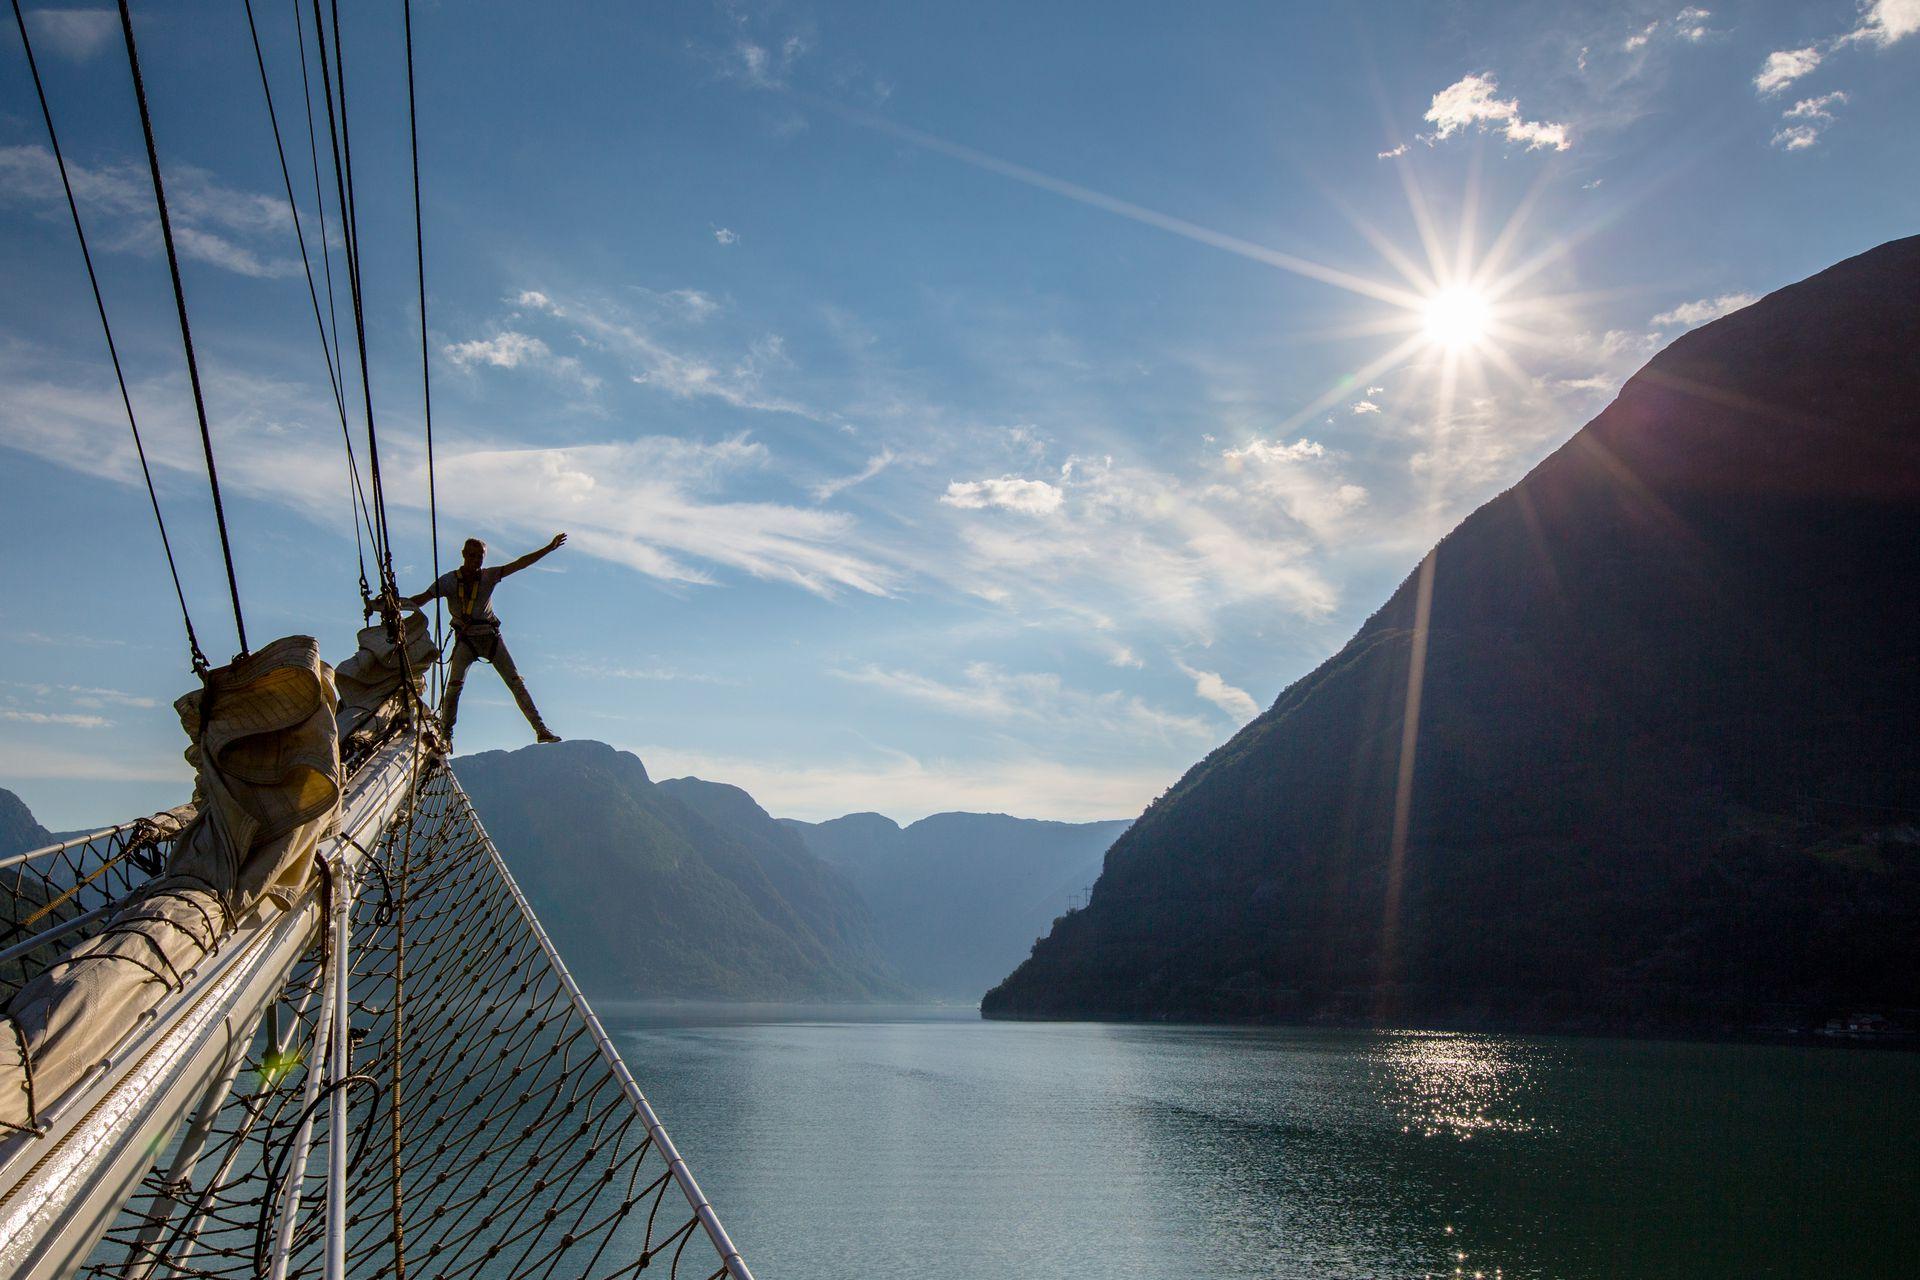 The One Ocean Expedition es apoyada por las Naciones Unidas y el Gobierno de Noruega.